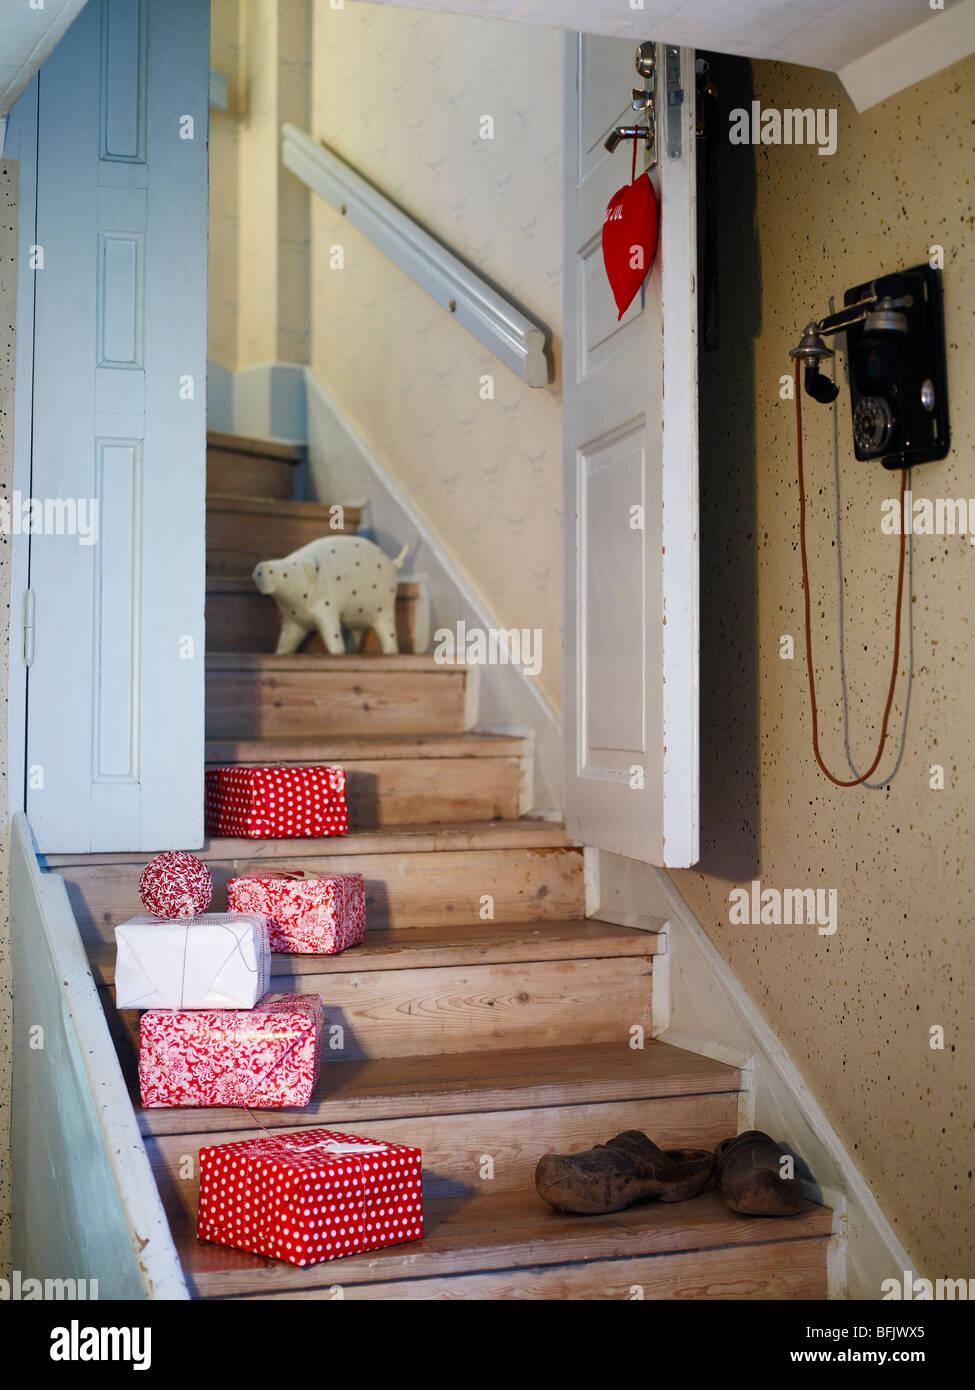 Weihnachtsgeschenke In Schweden.Weihnachtsgeschenke In Einem Treppenhaus Schweden Stockfoto Bild